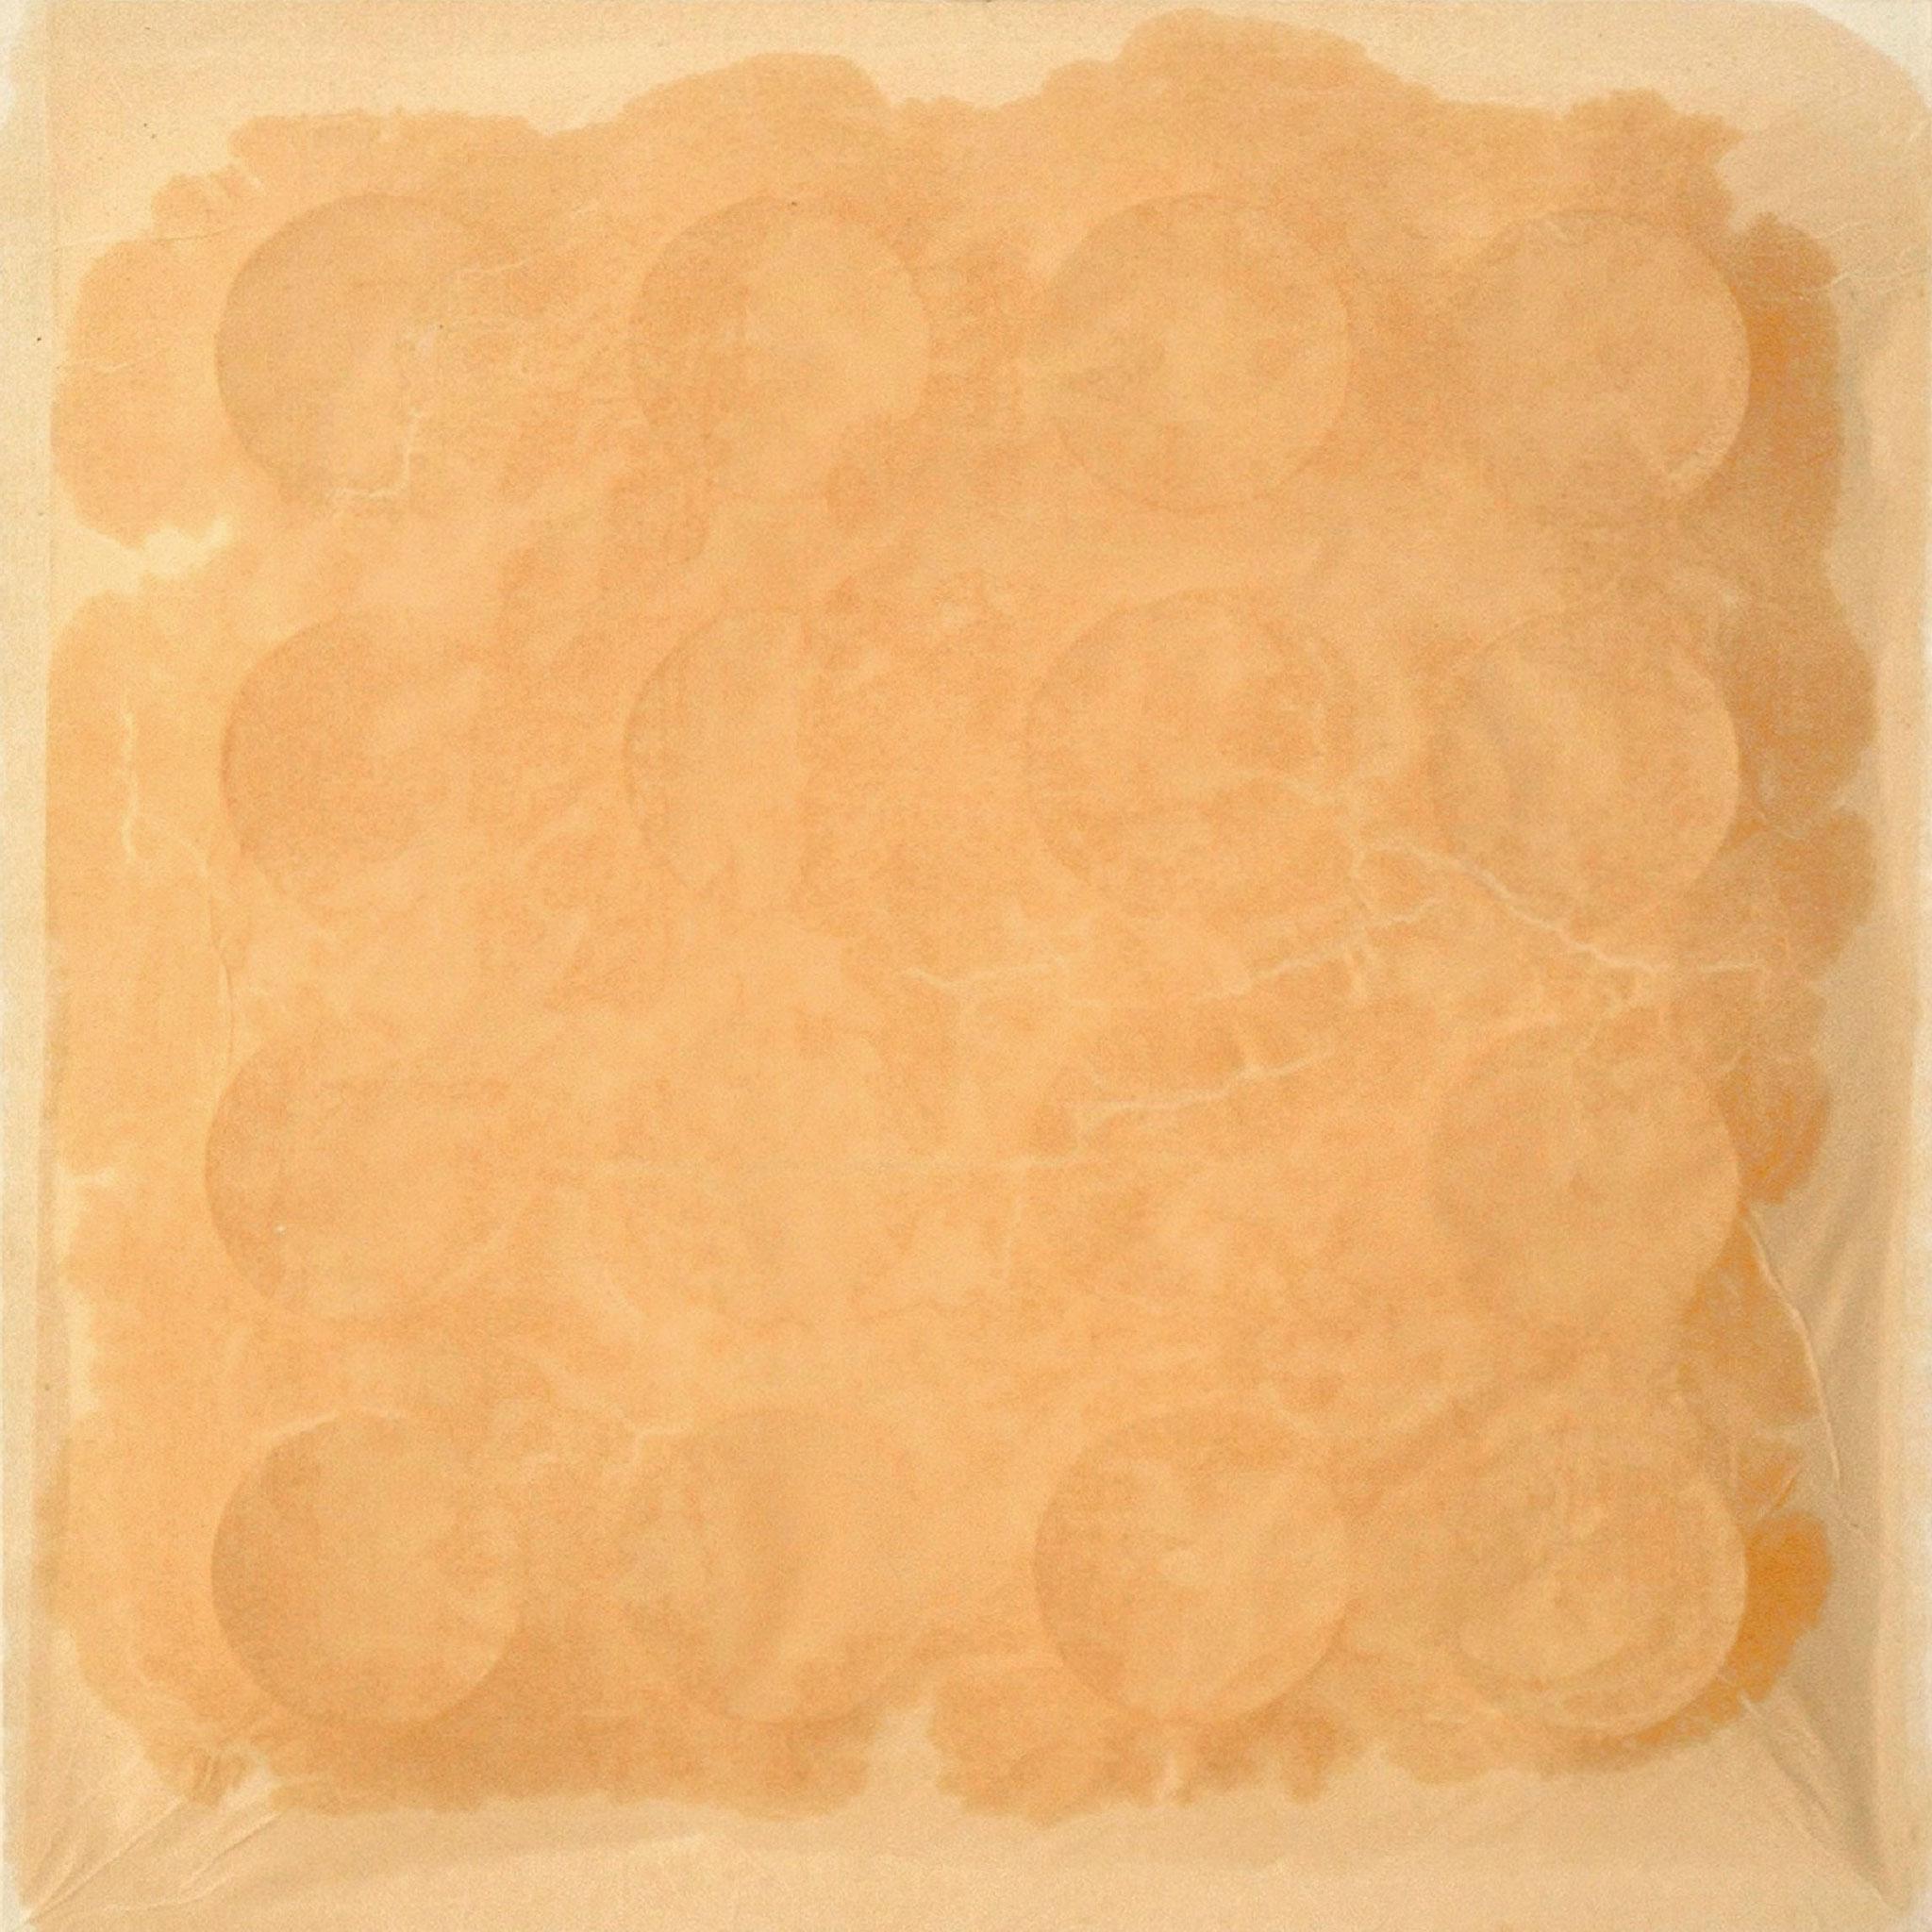 Joghurtbecher + Papier Ausschnitte EPS